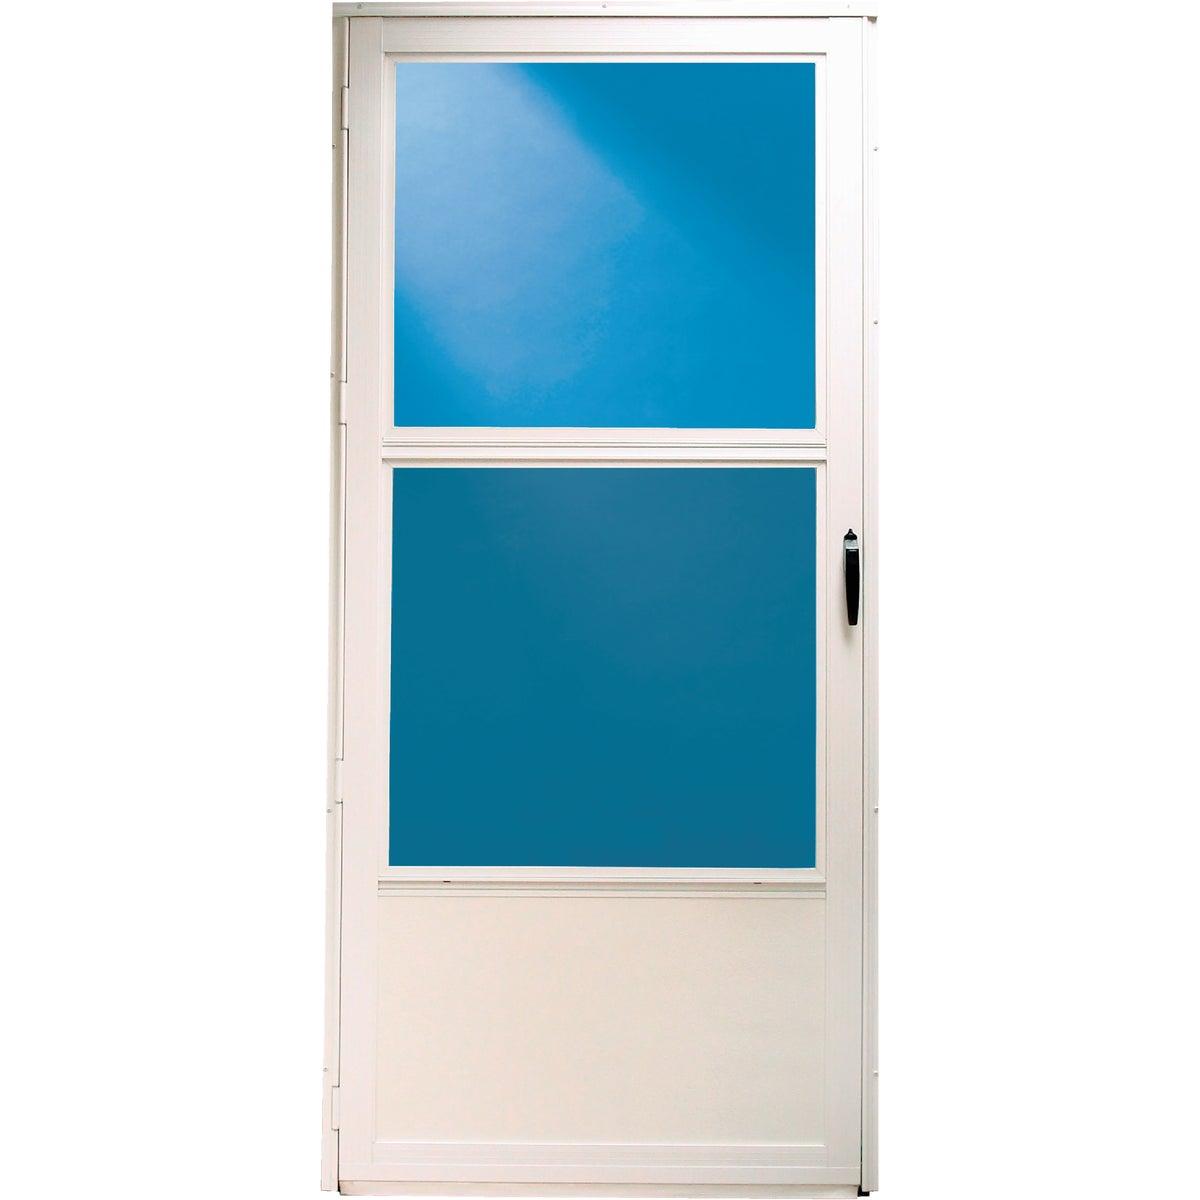 266 2868 LH WHT DOOR